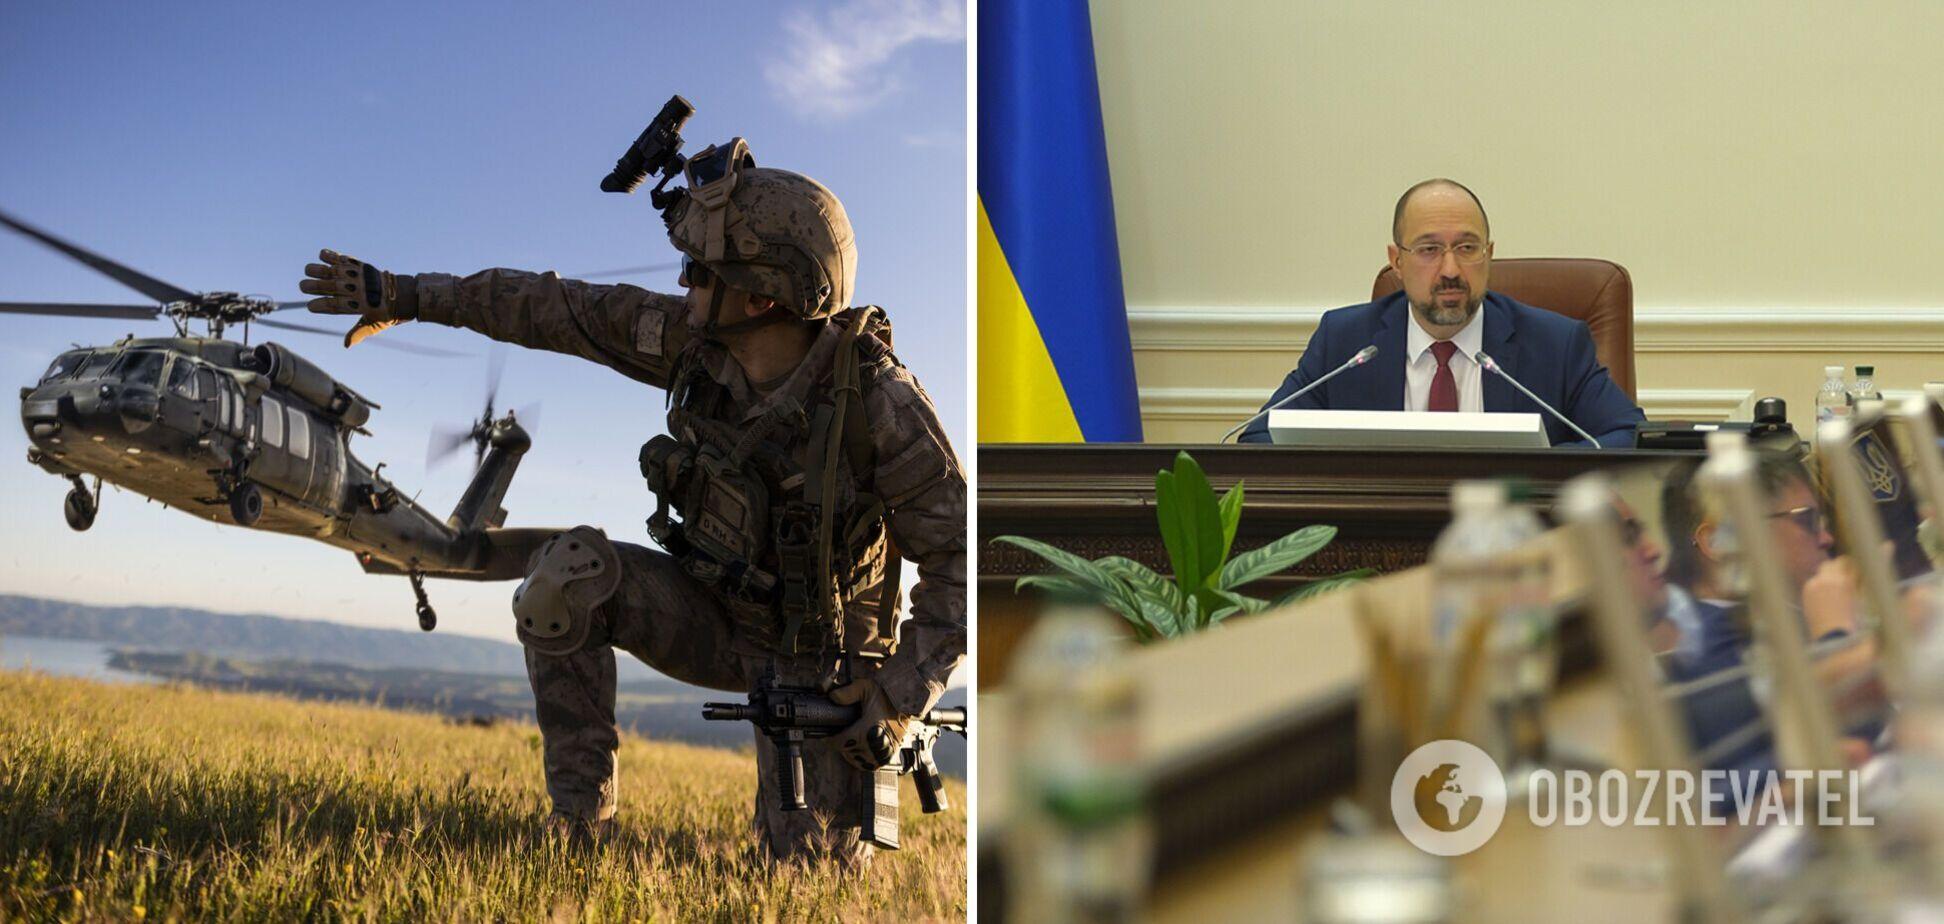 Кабмін змінять на 90%, в Україні побудують базу НАТО: нардеп анонсував кадрову революцію